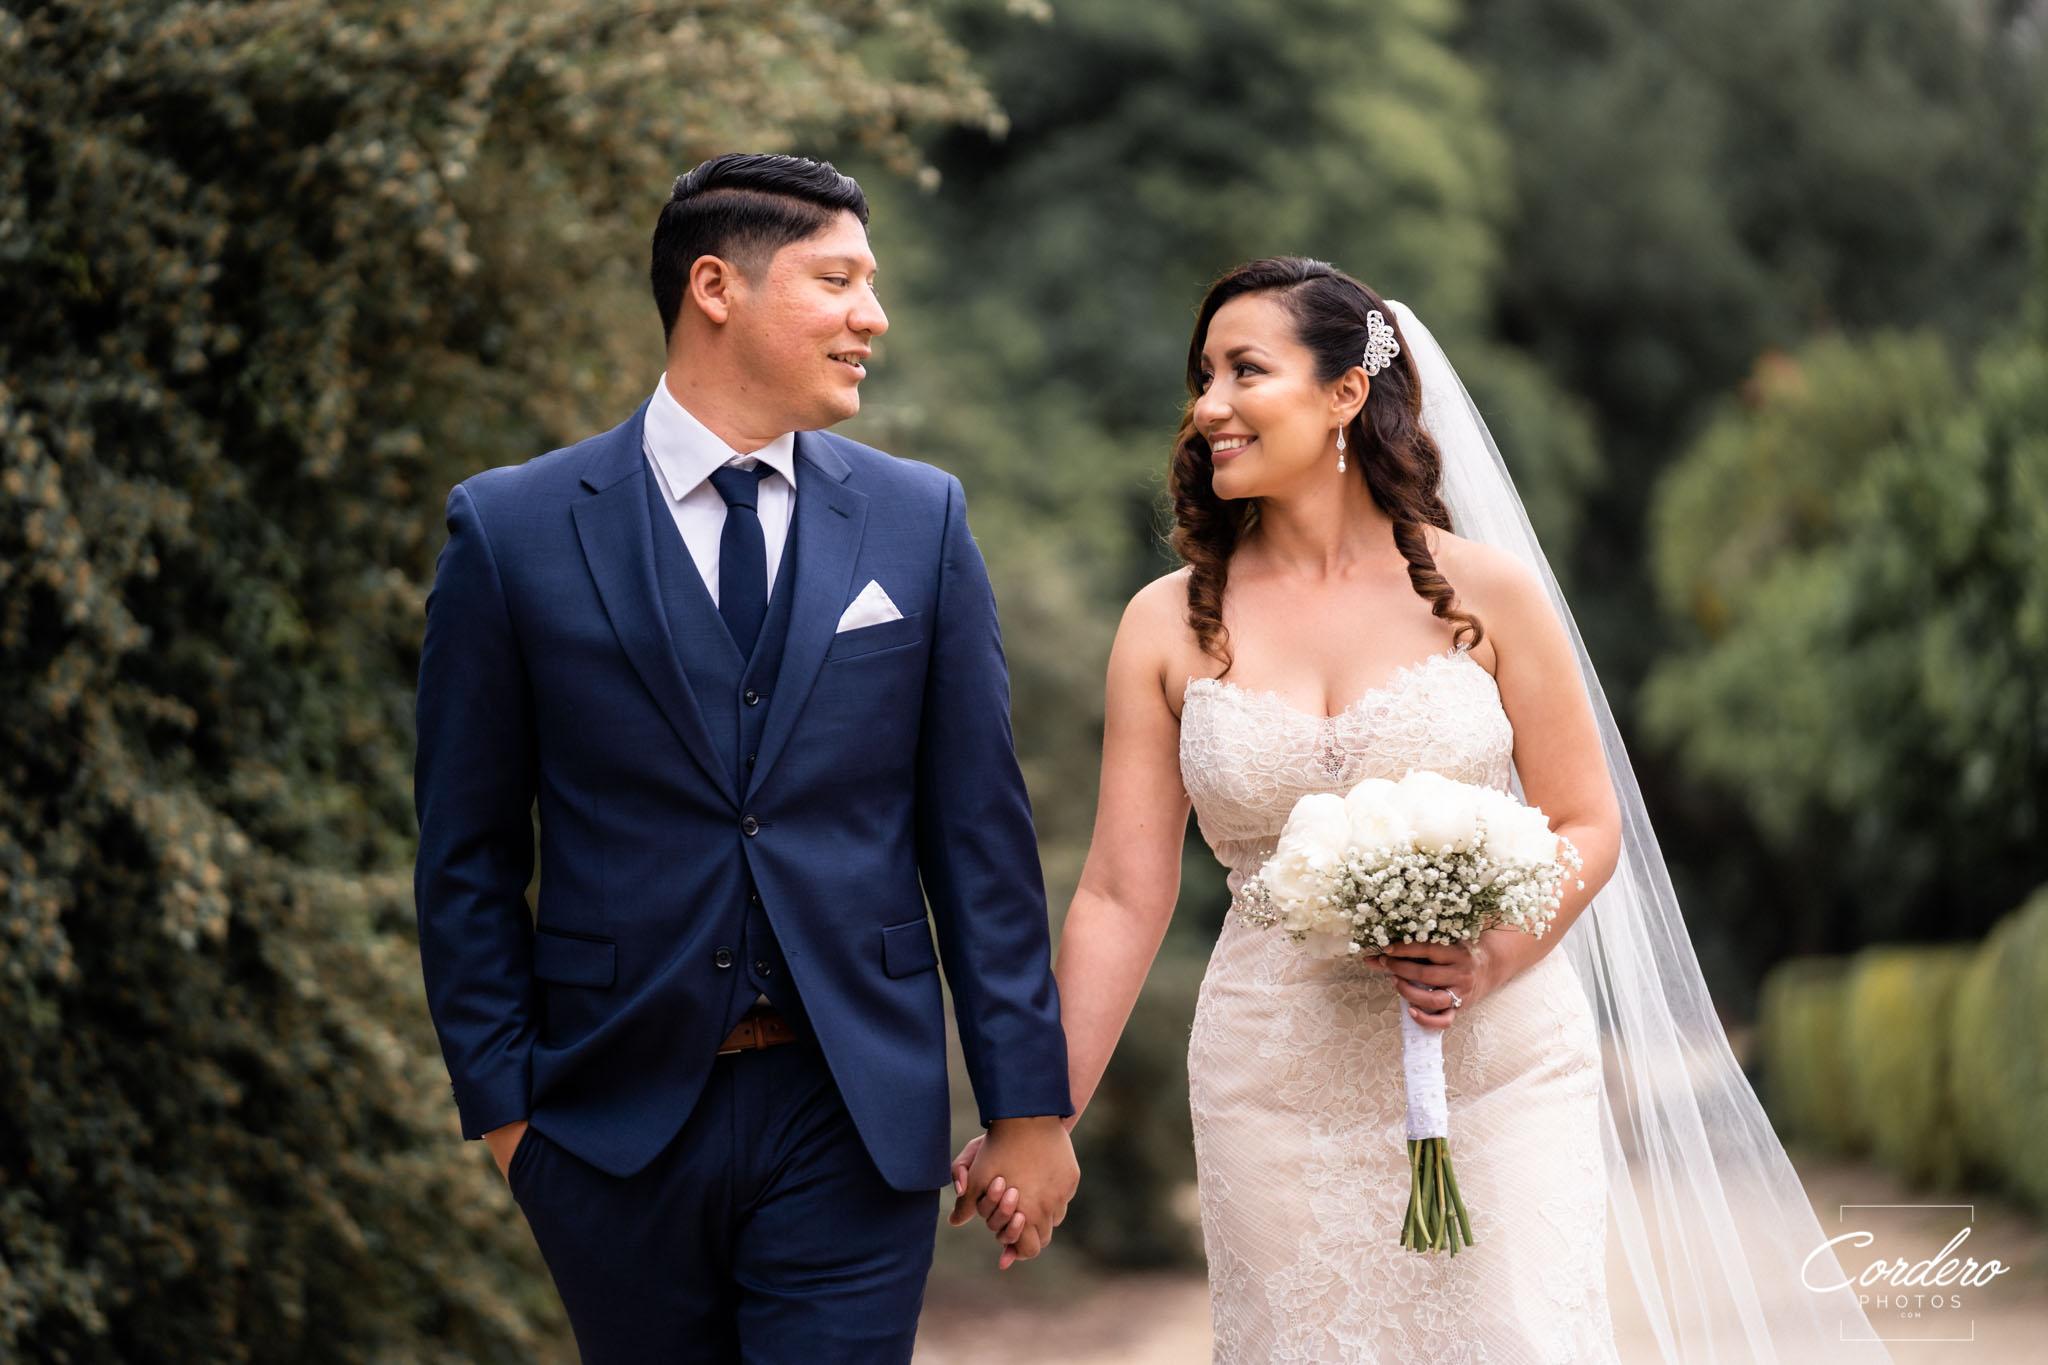 Lesley-and-Eric-Wedding-WEB-00490.jpg